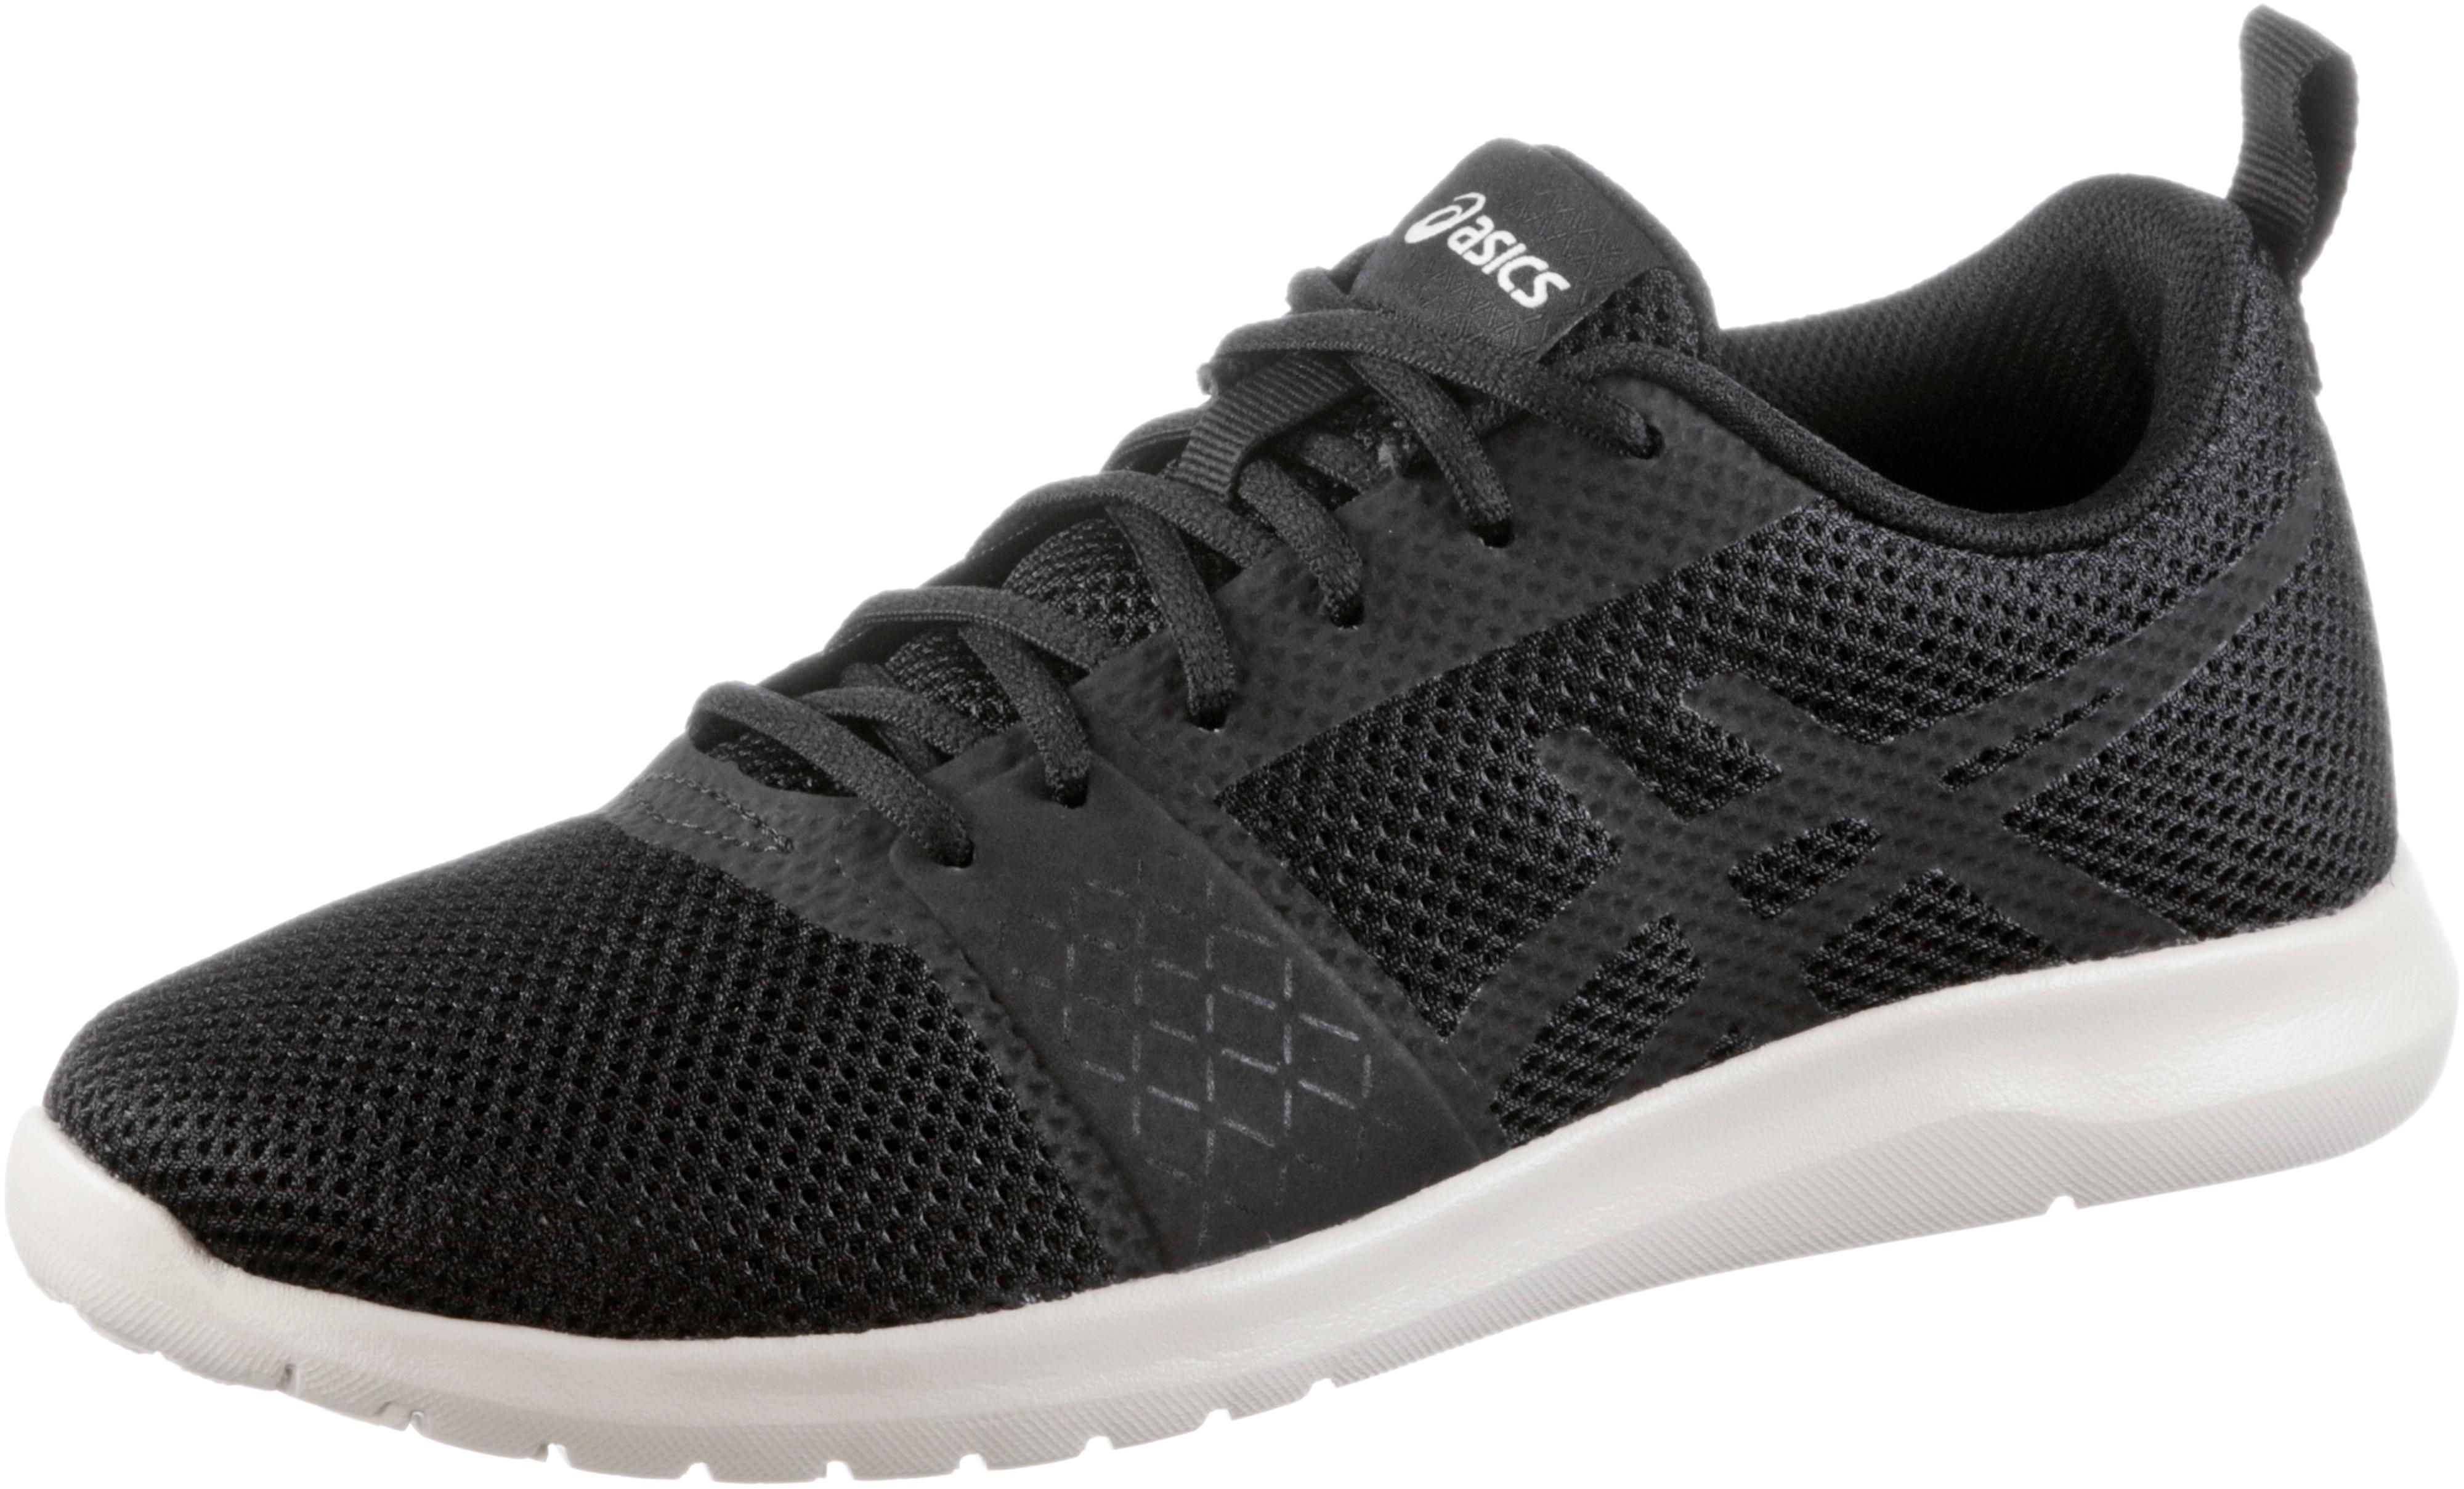 ASICS KANMEI MX Laufschuhe Damen schwarz-schwarz-birch im Online Shop von SportScheck kaufen Gute Qualität beliebte Schuhe